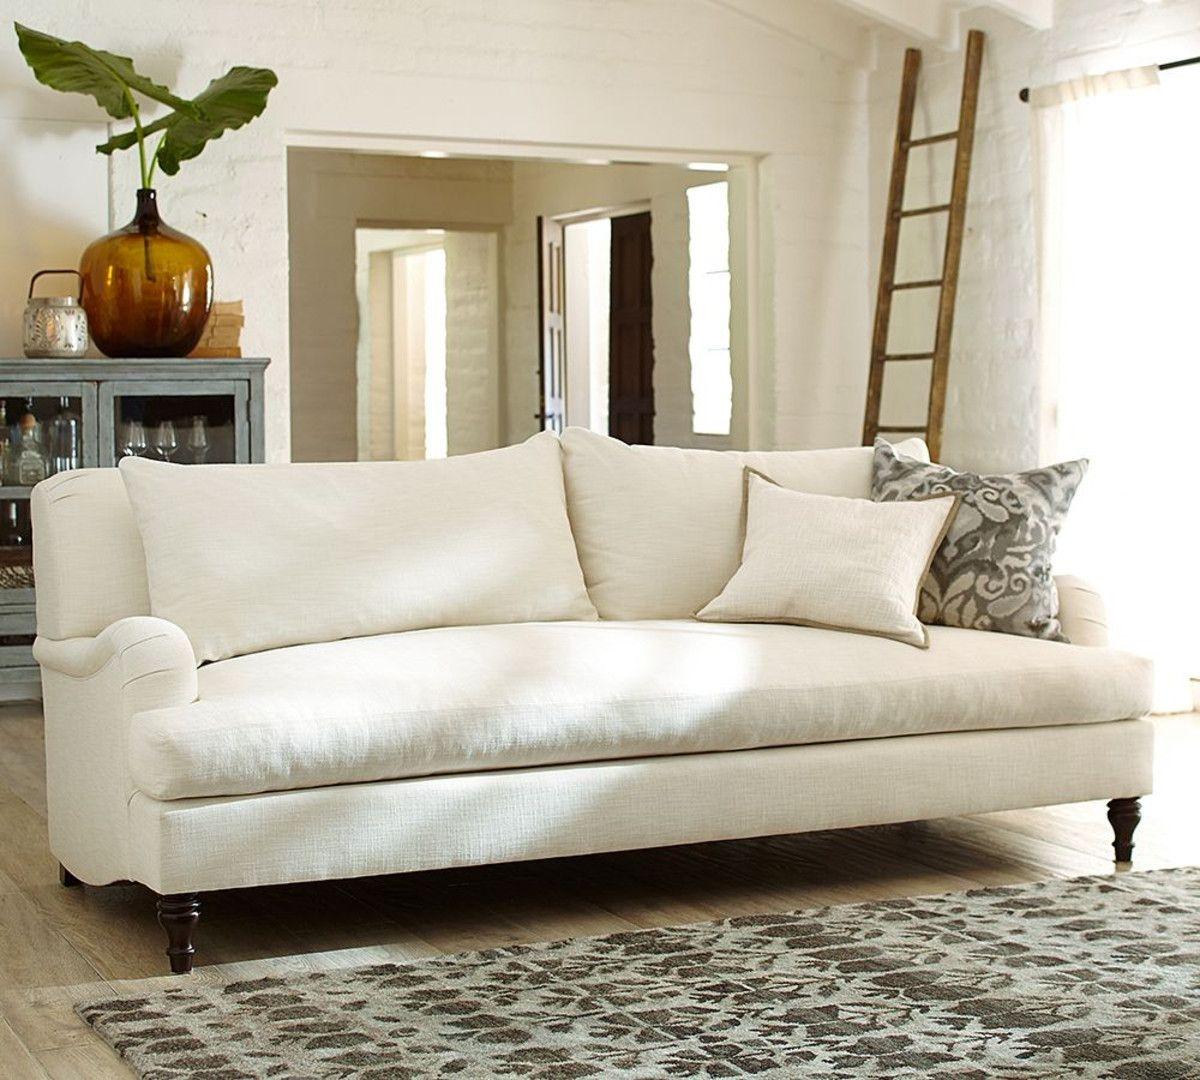 Merveilleux Down Cushion Sofa   Ideas On Foter